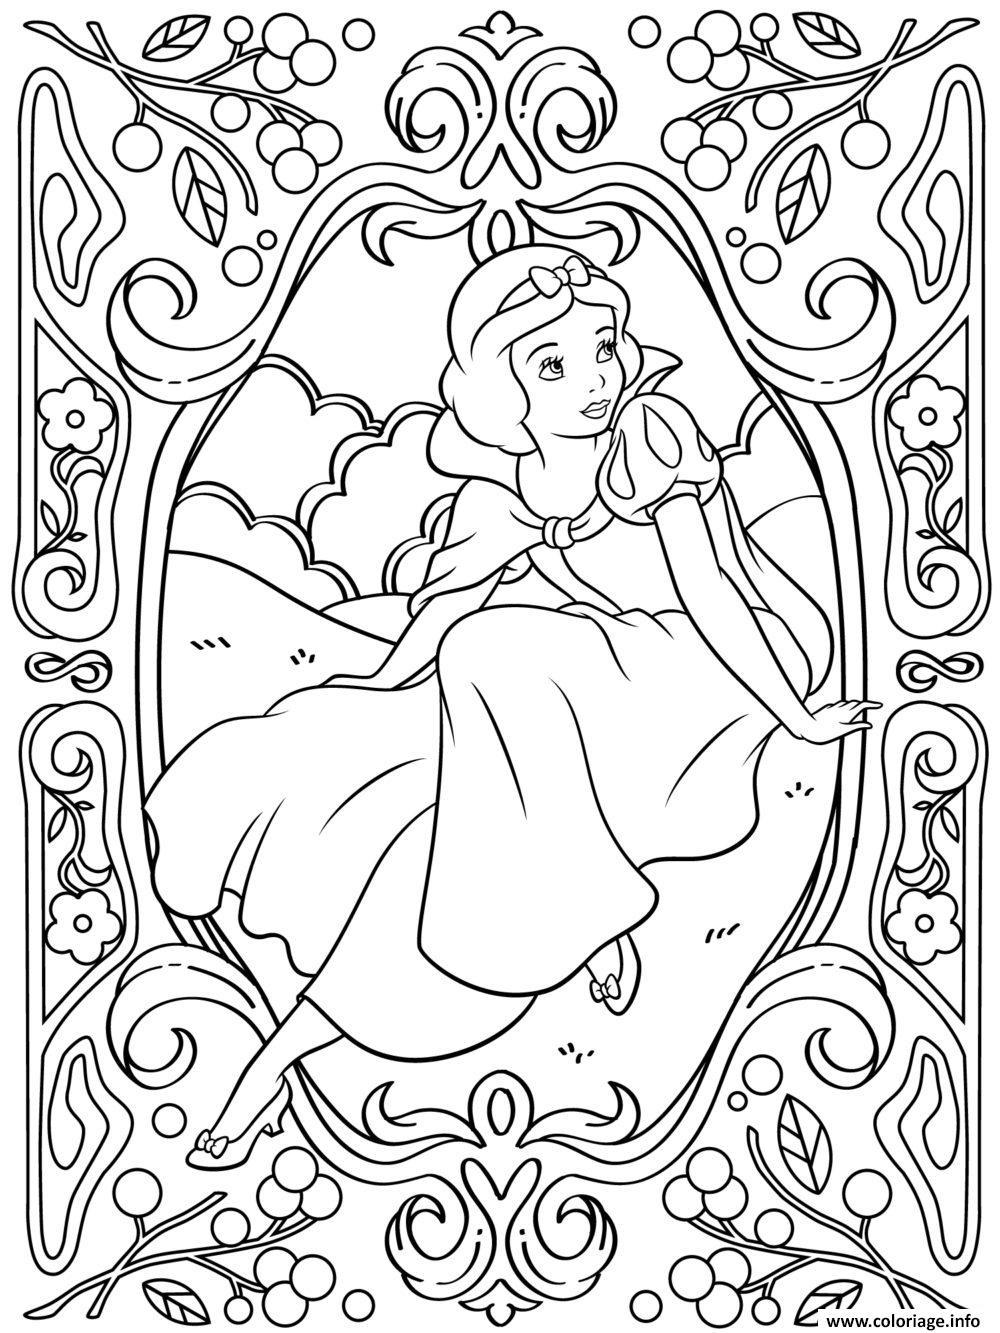 Coloriage Mandala Disney Princesse Blanche Neige Dessin à Blanche Neige A Colorier